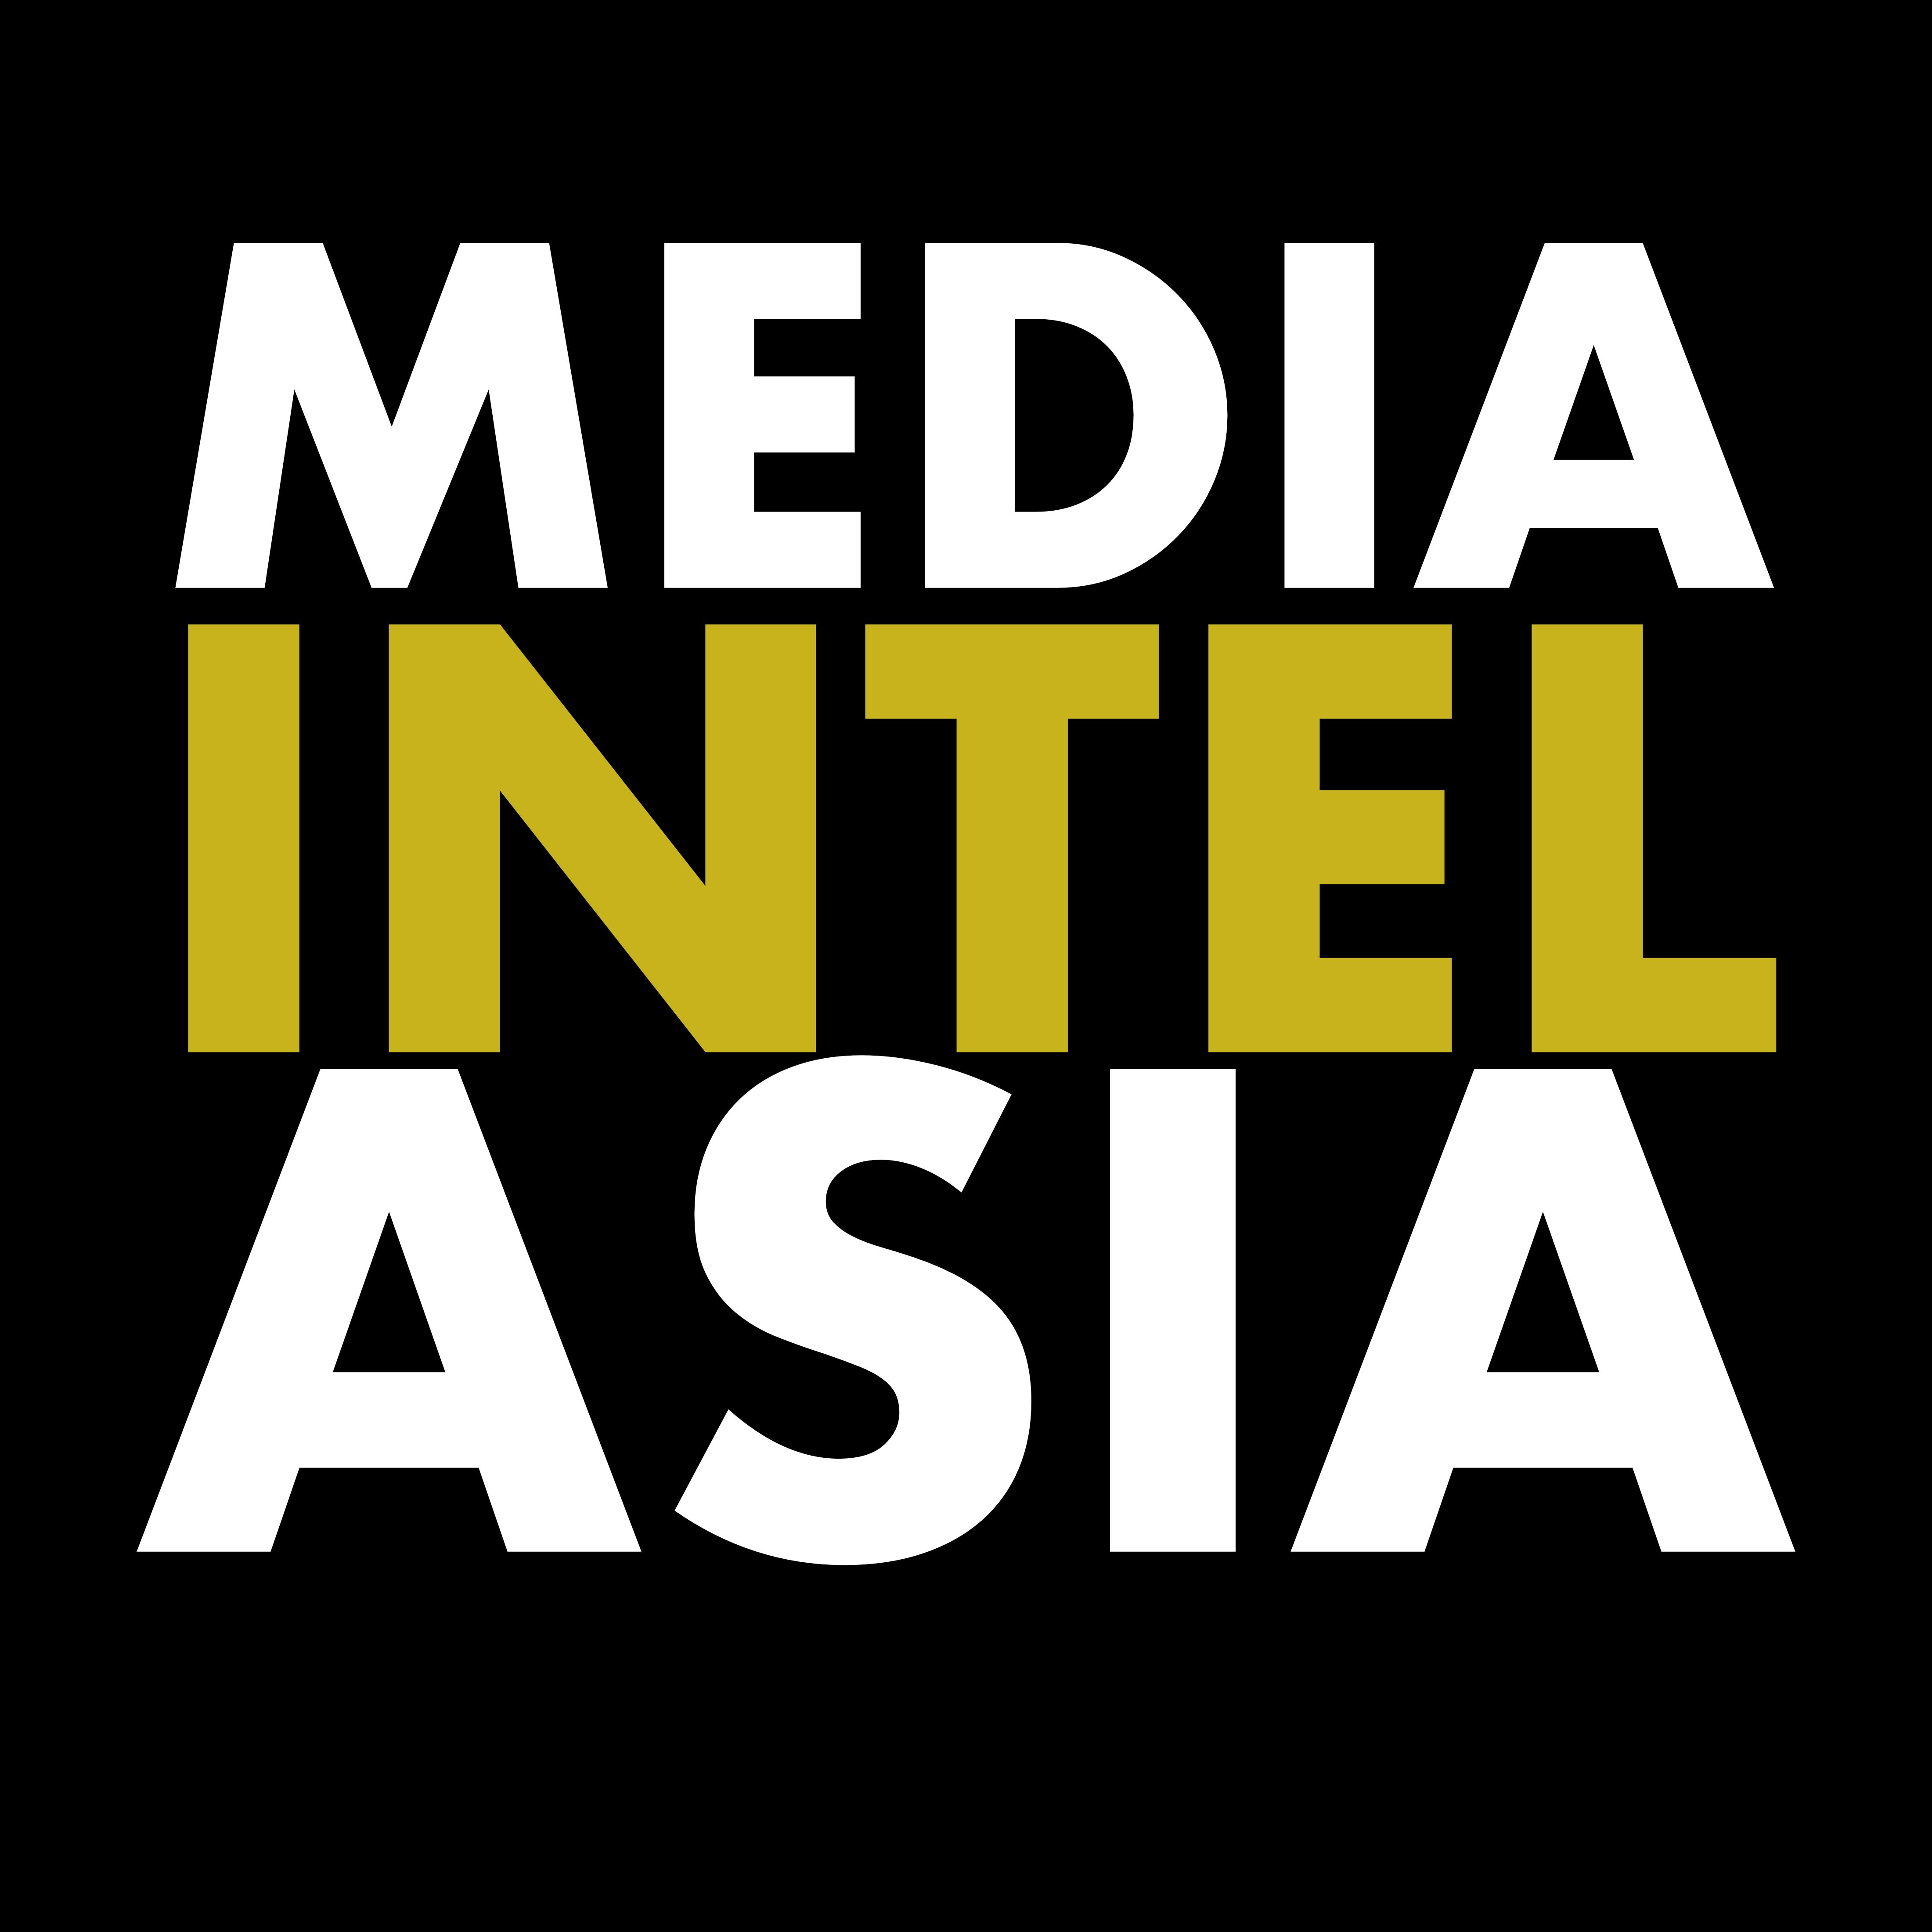 MediaIntel.Asia